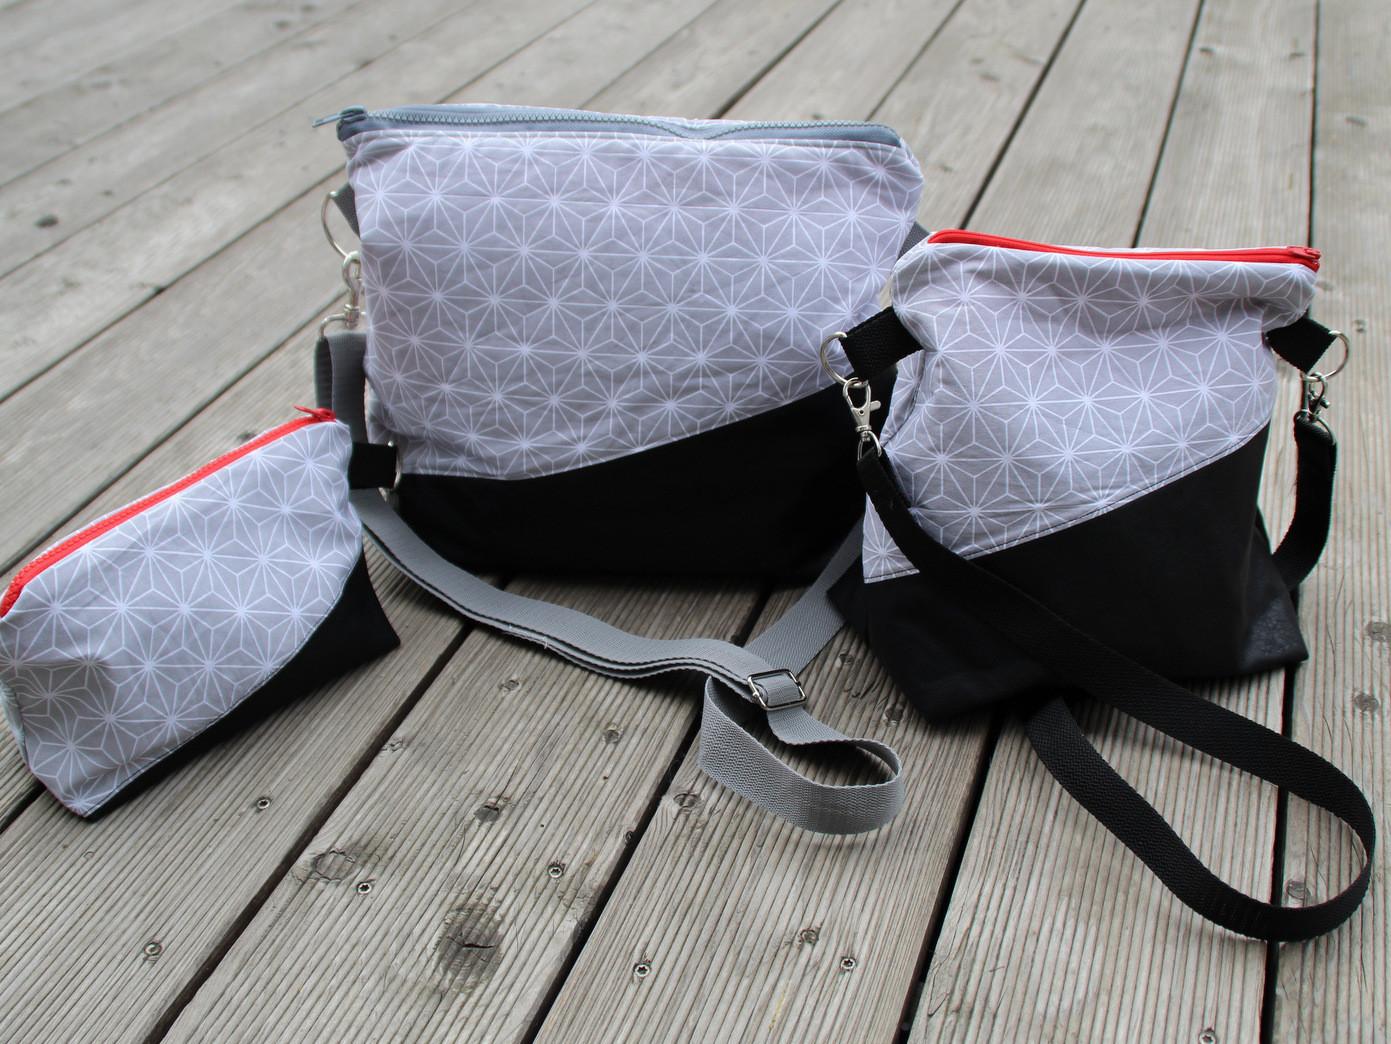 Verschiedene Ebook Fanna TaschengrößenKosmetiktasche Tasche 2 TOkZiPXu